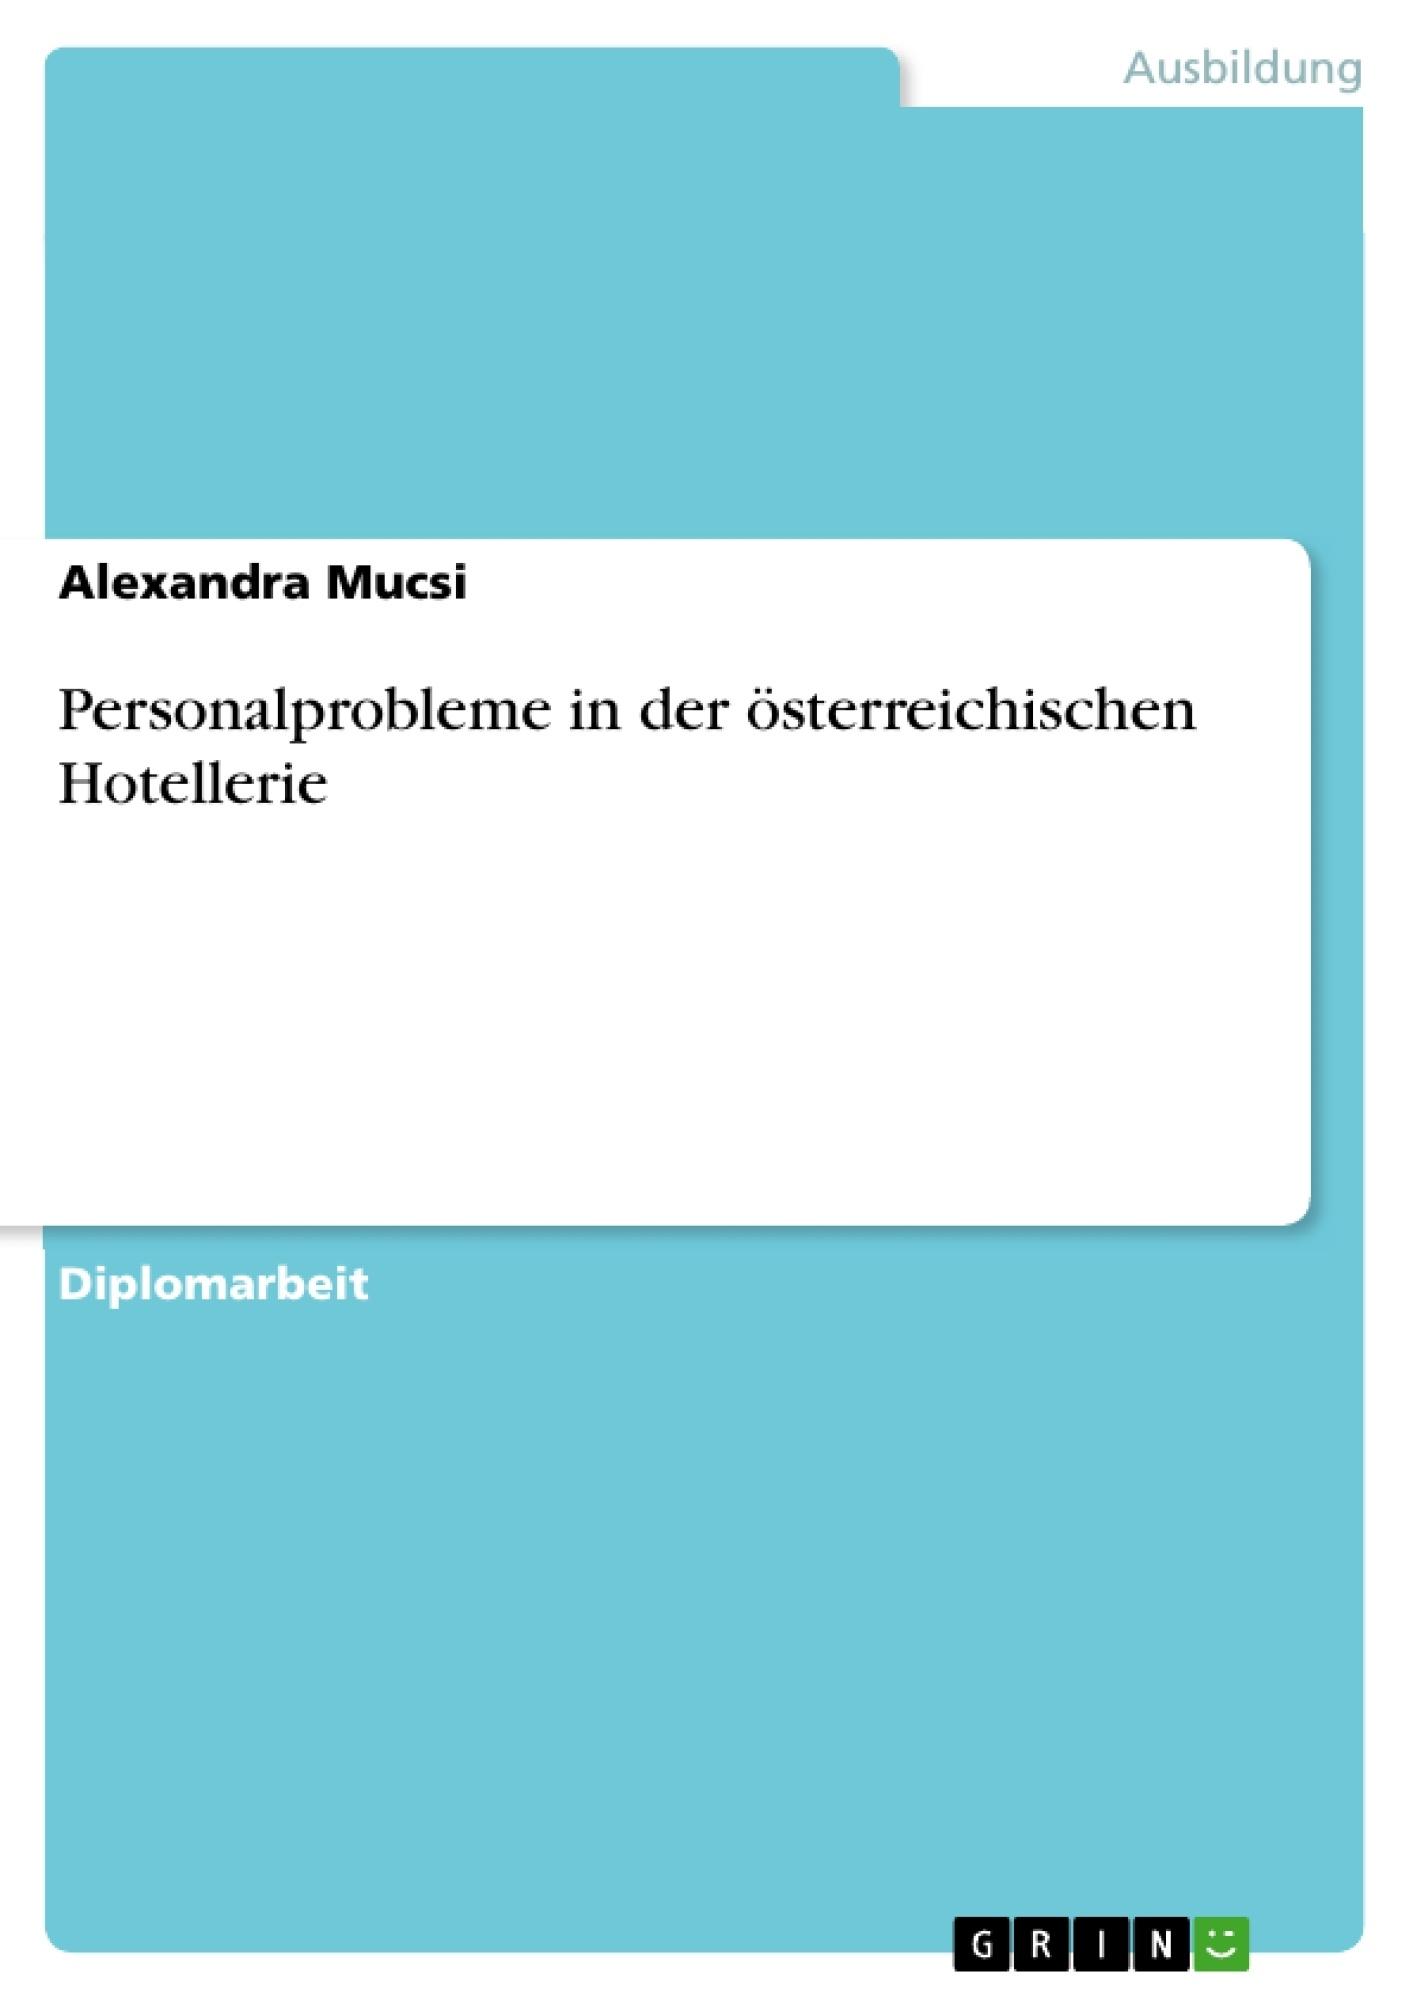 Personalprobleme in der österreichischen Hotellerie | Masterarbeit ...